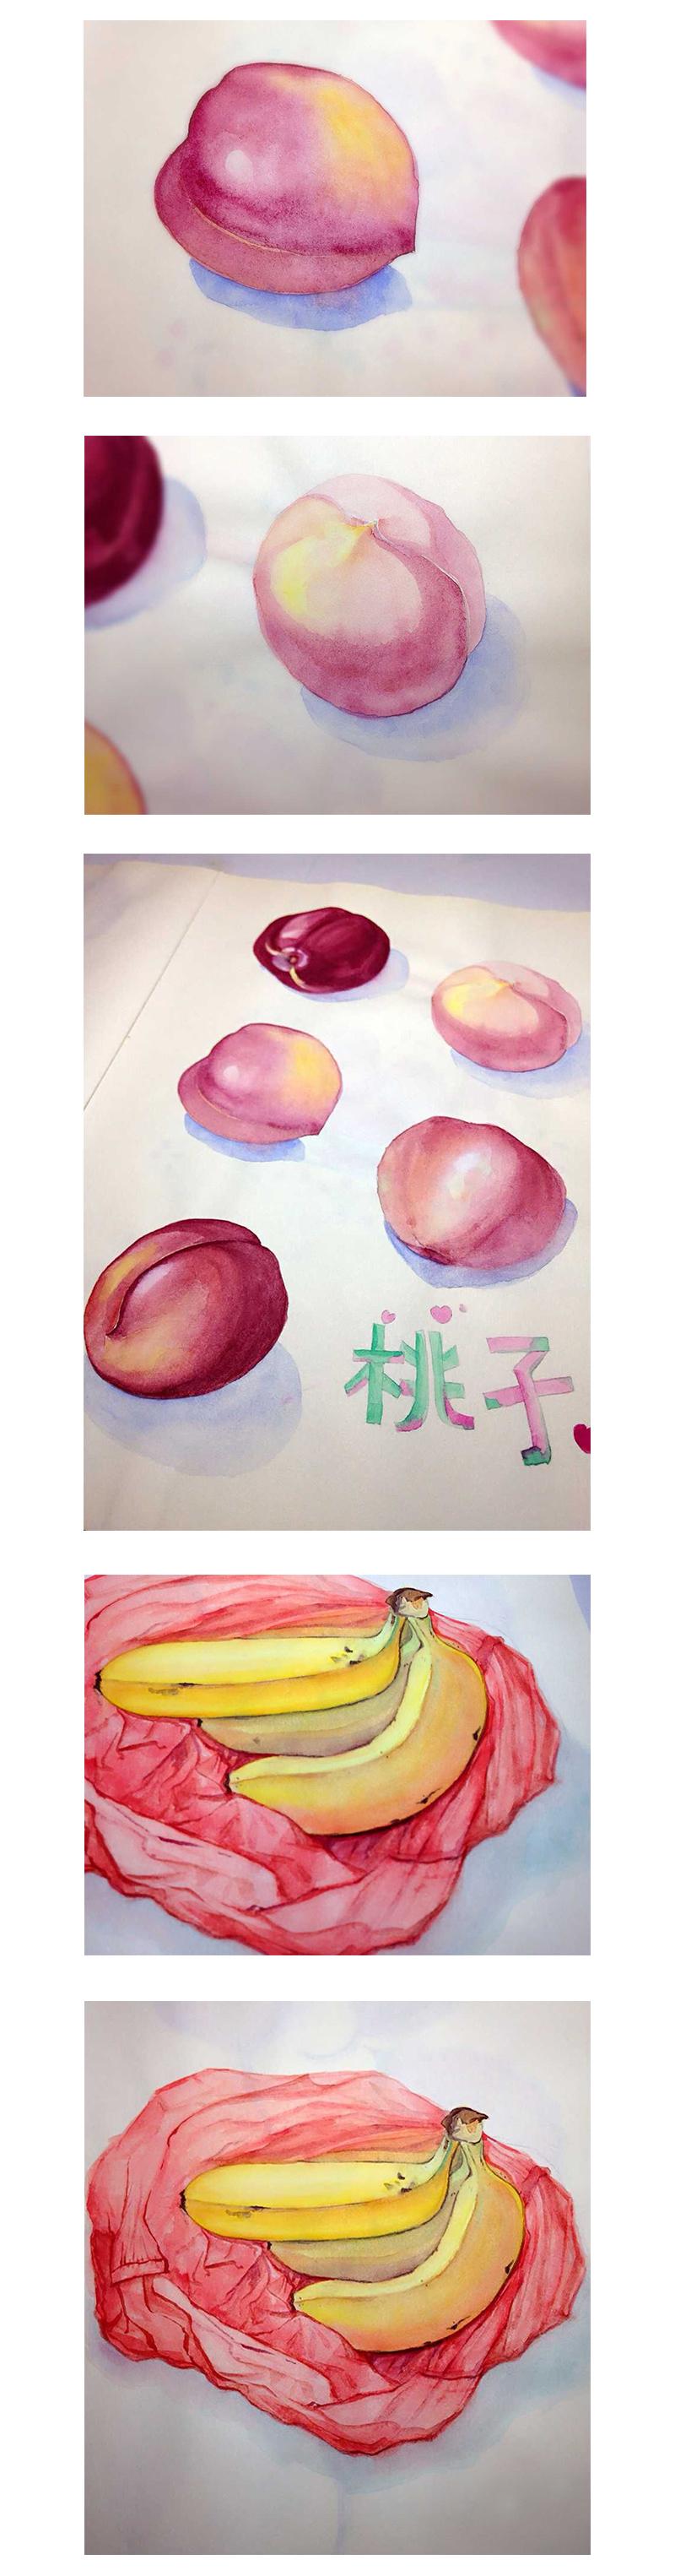 中秋节 月饼 贝壳 水果 手绘 |纯艺术|水彩|艾蜜莉的